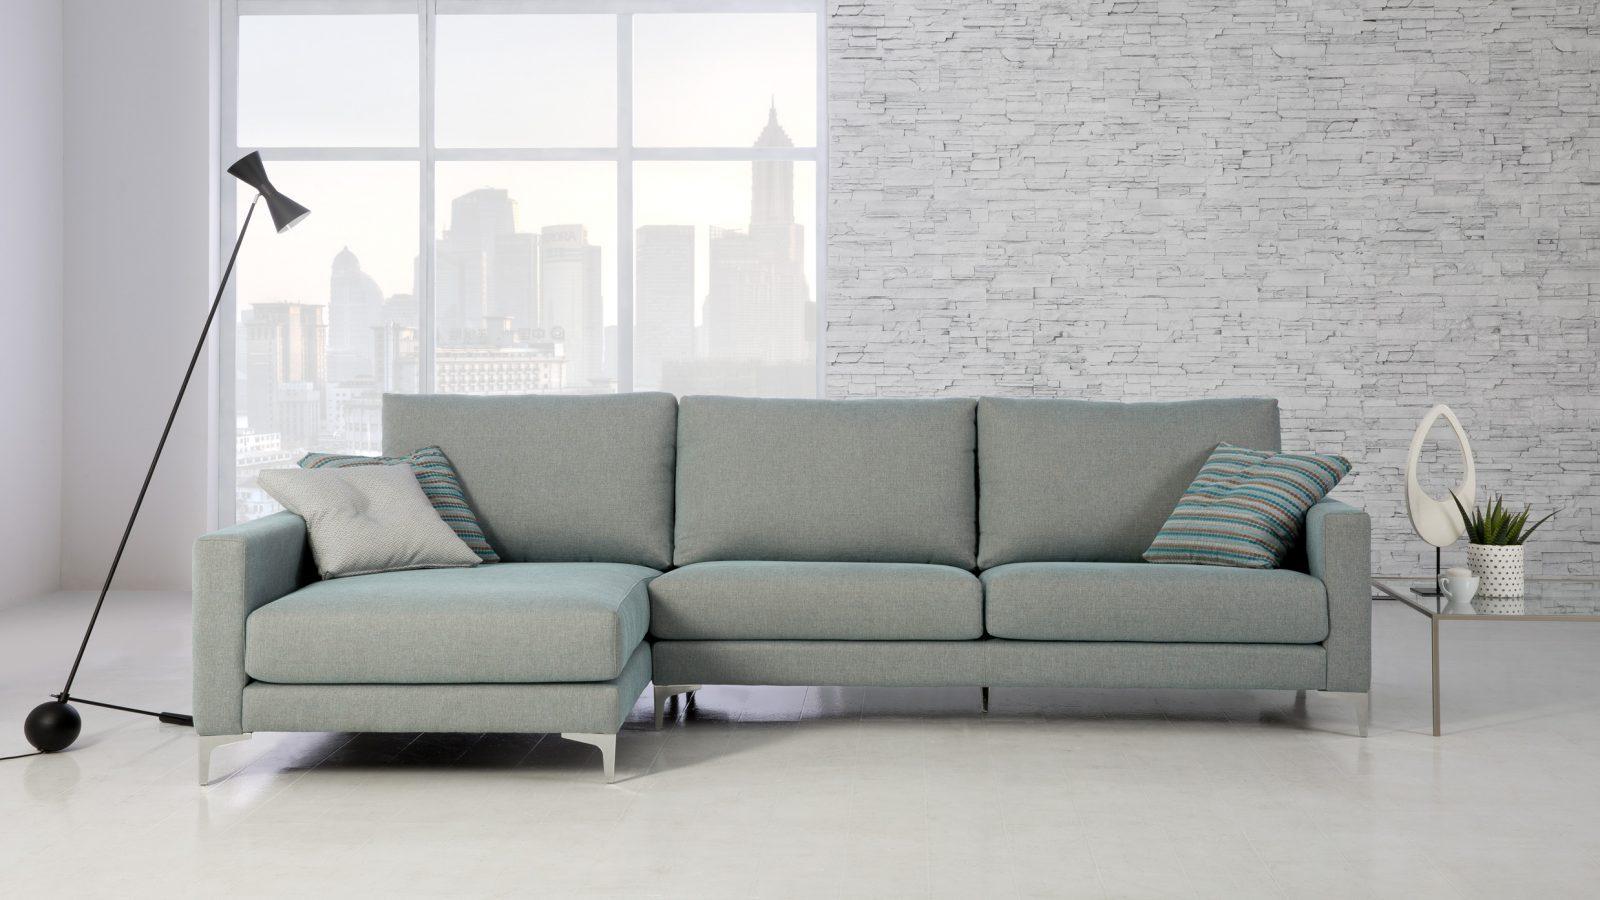 Productos archivo mobiliario hd for Muebles segunda mano logrono